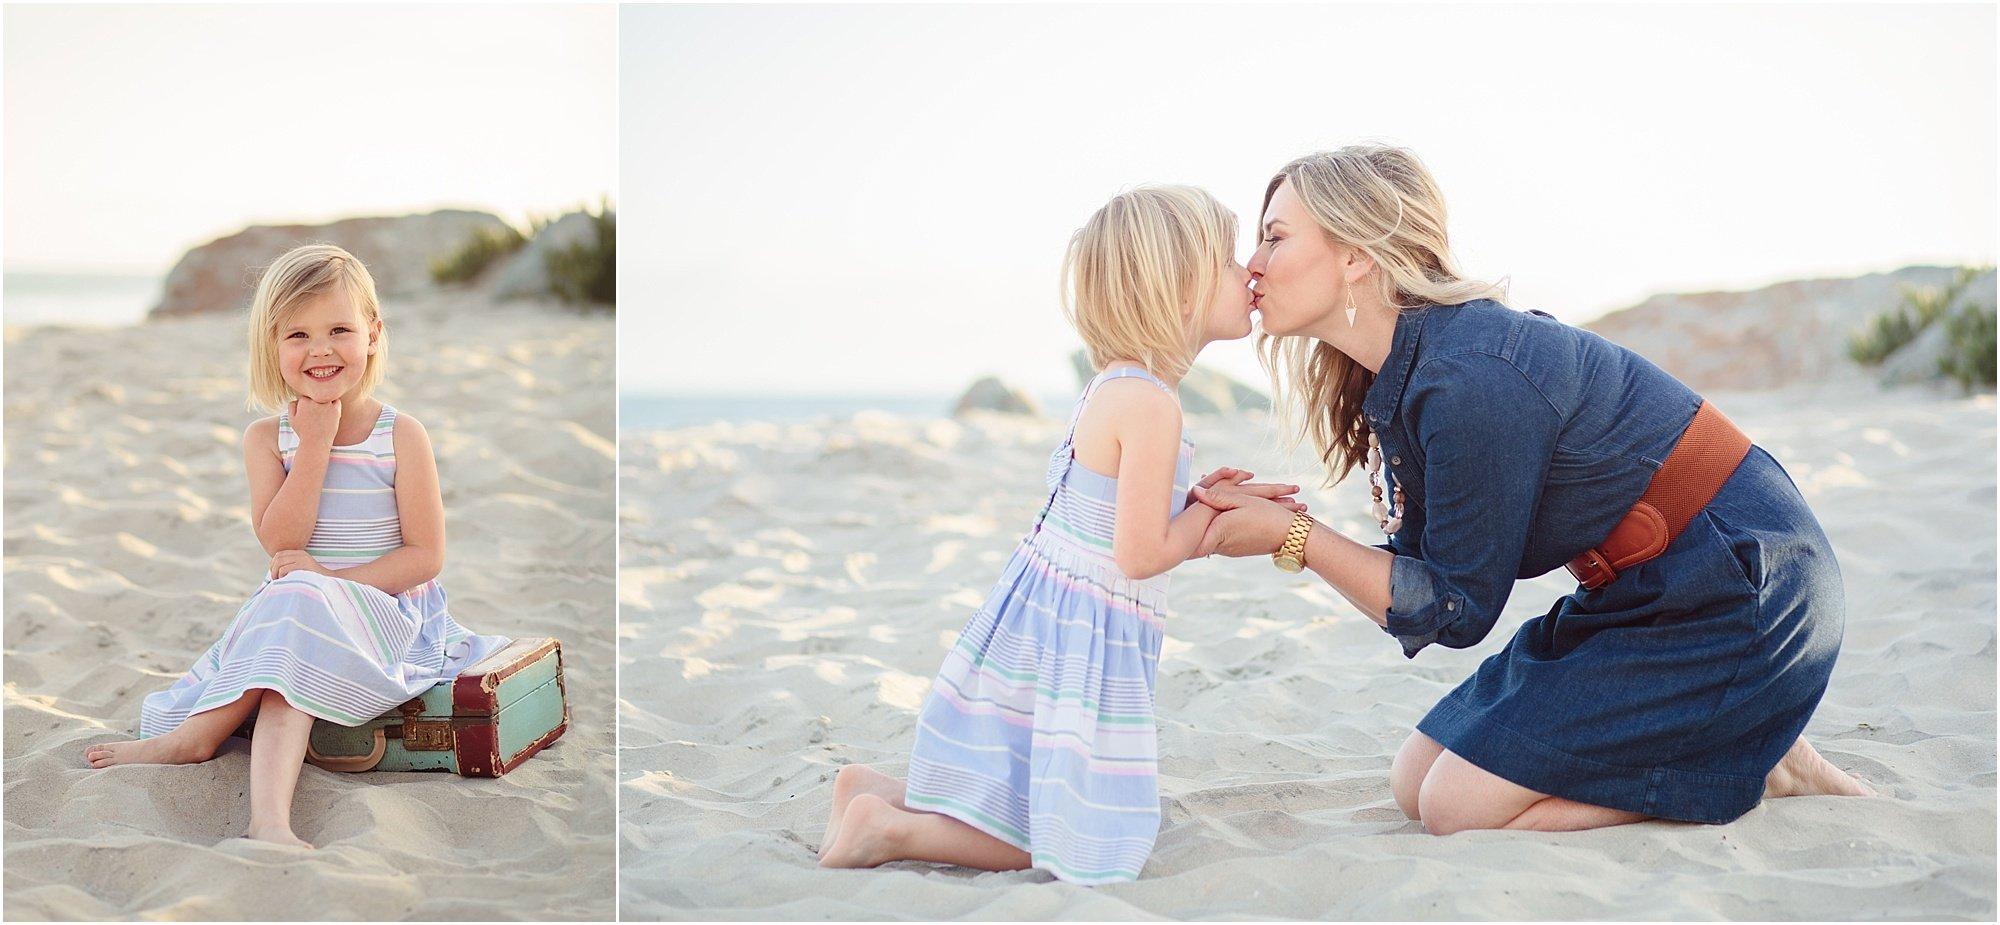 San Diego Photography | Beach Portraits